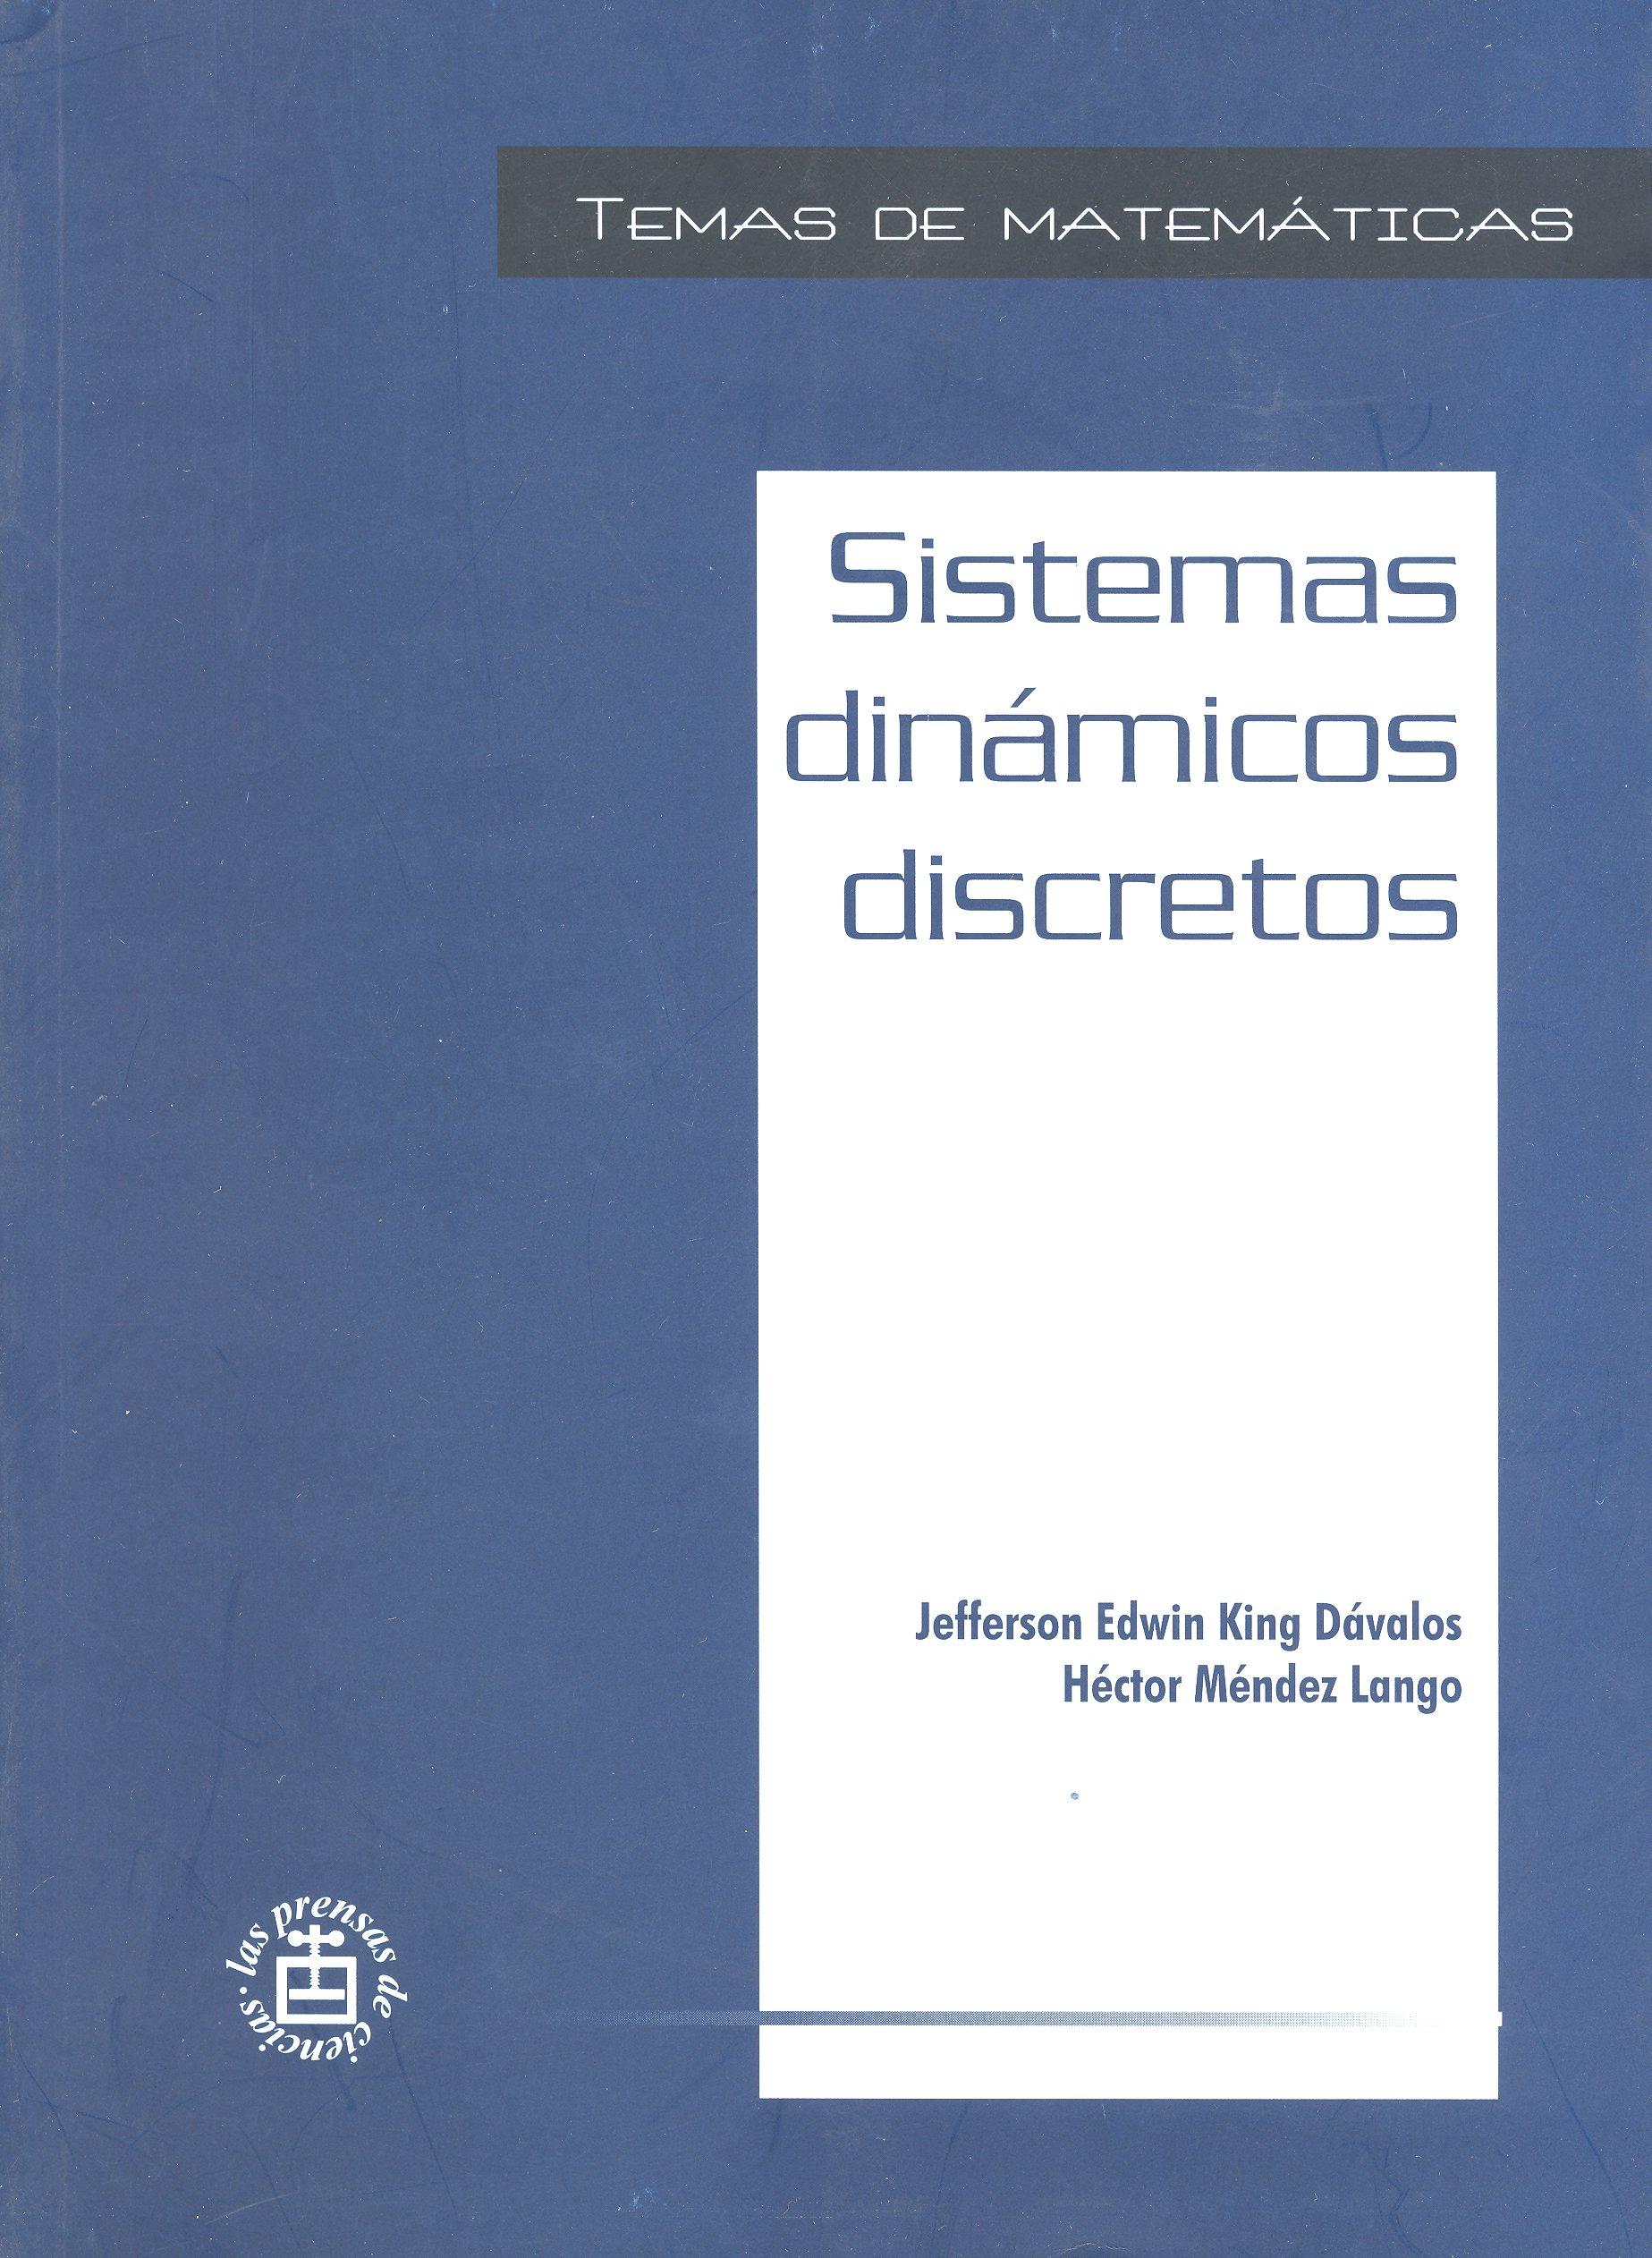 Sistemas dinámicos discretos